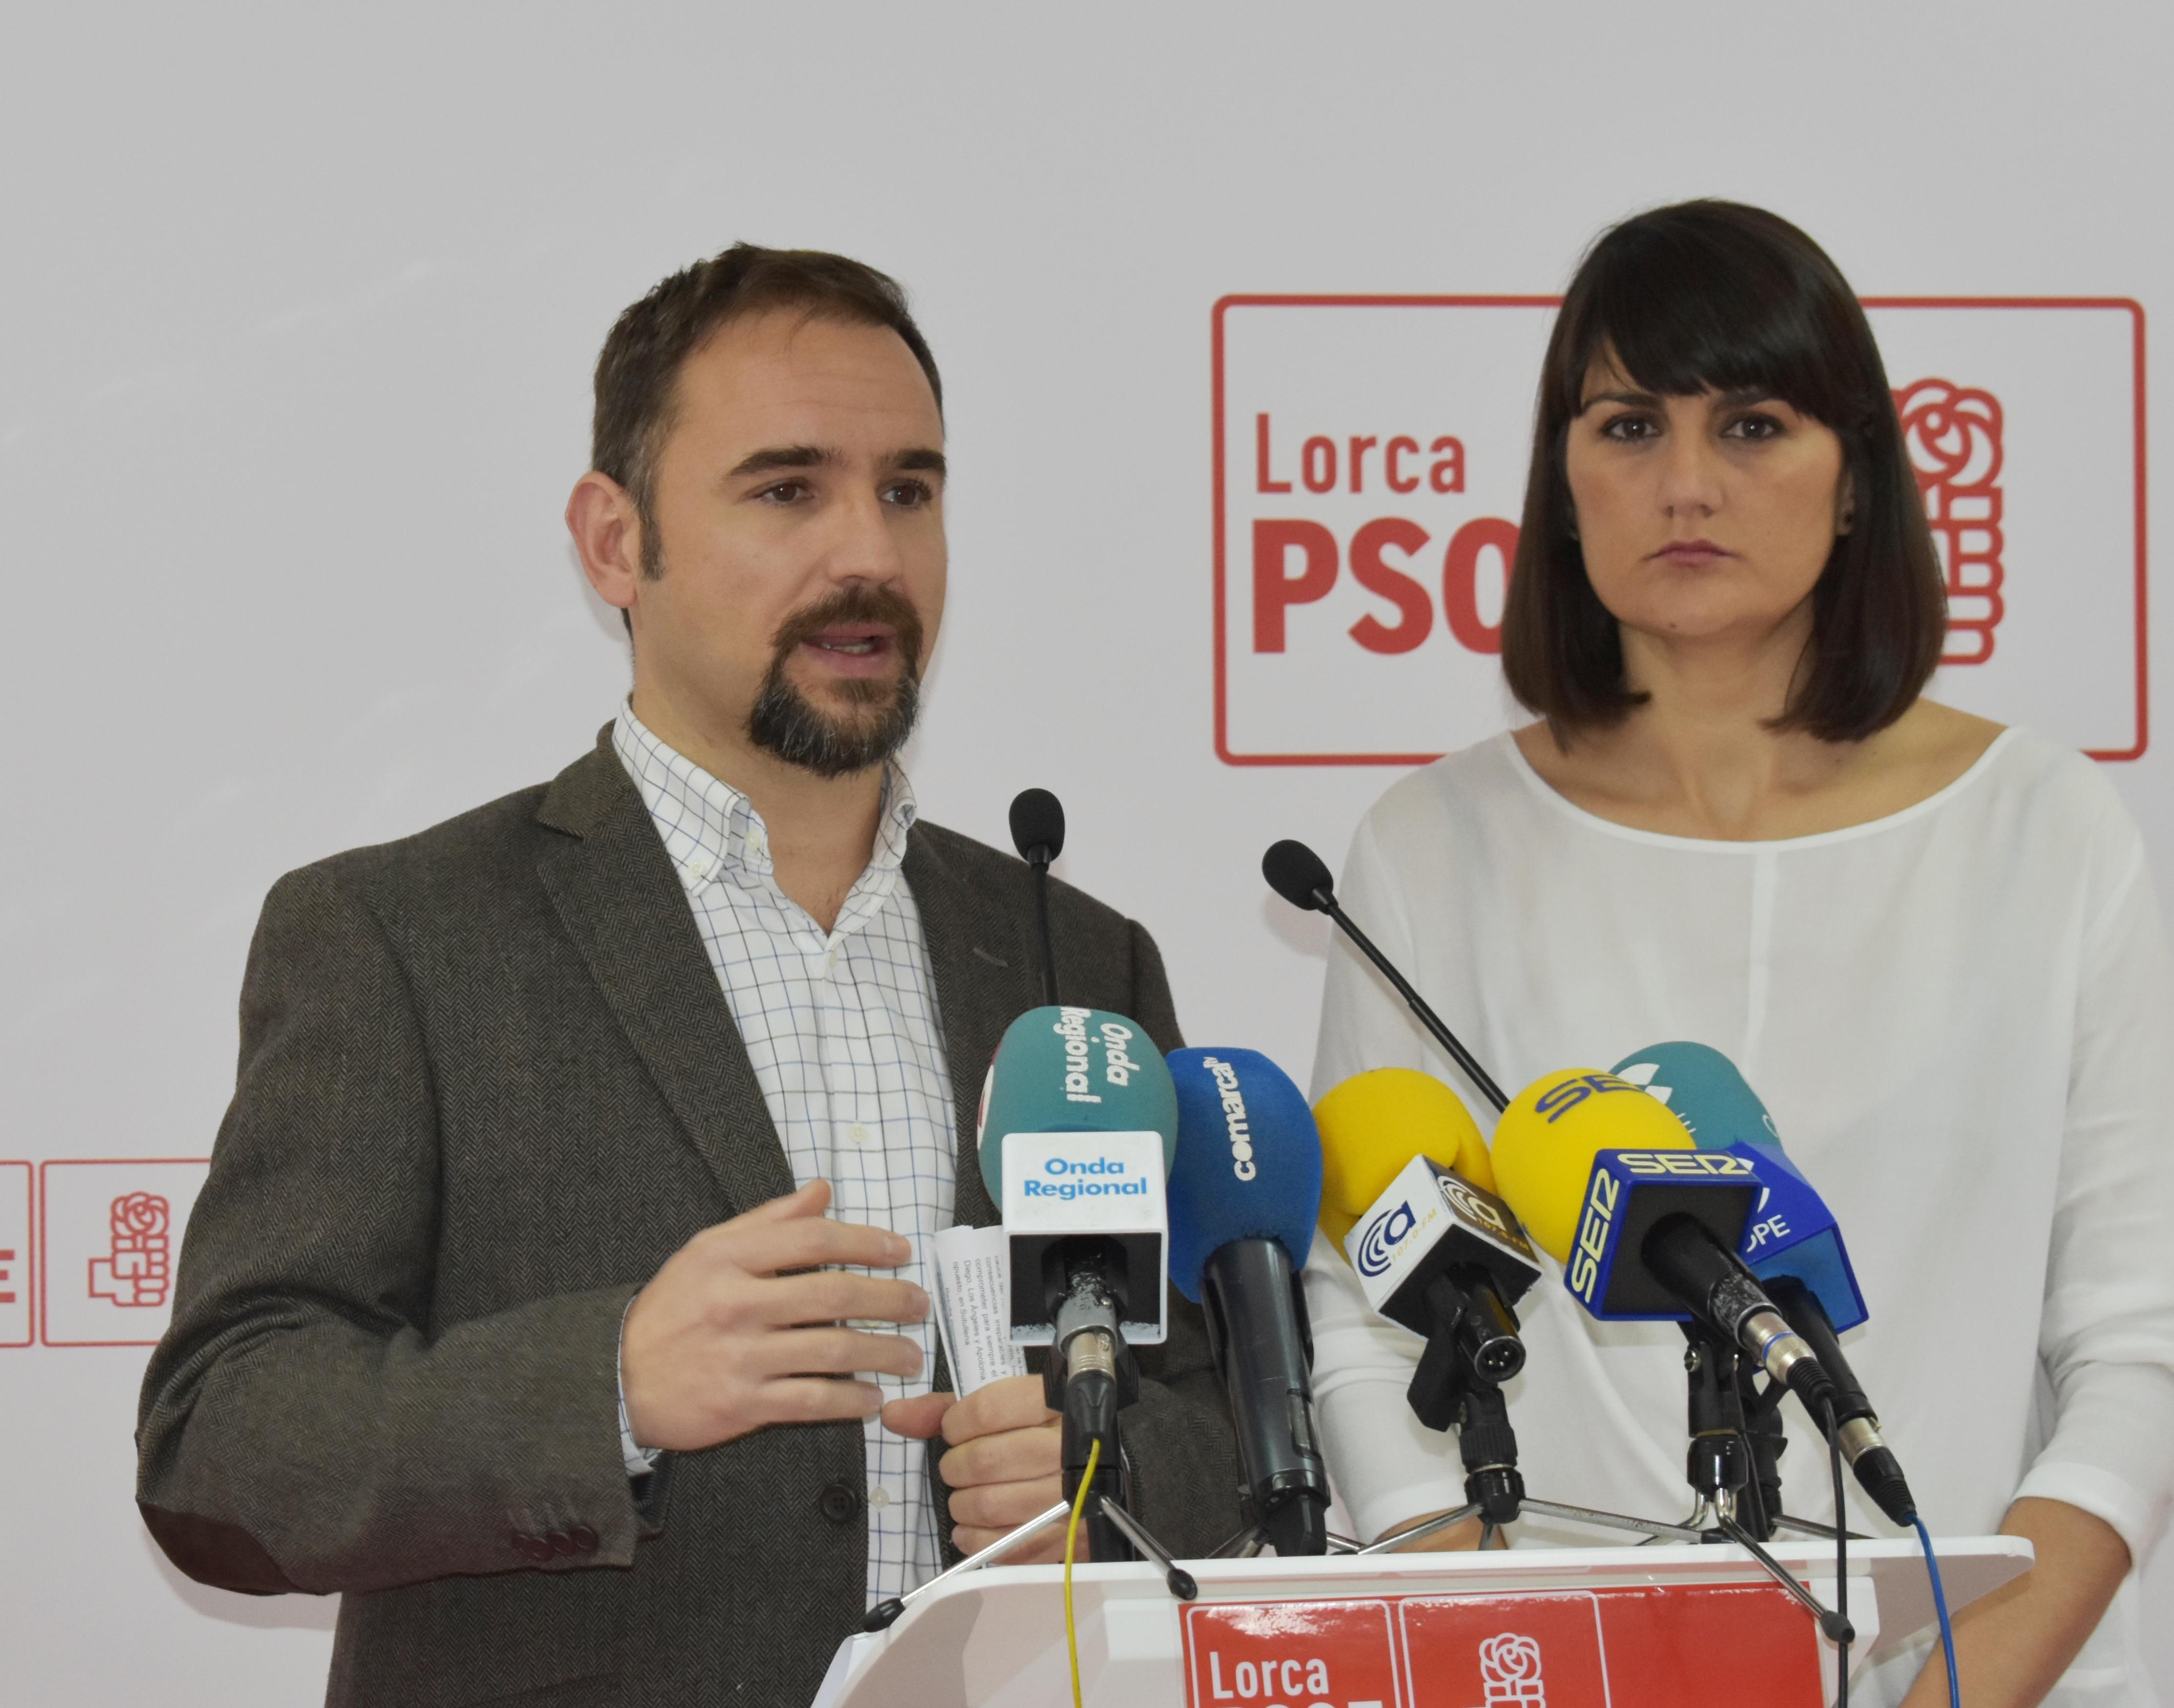 El PSOE exige al PP en el Congreso que concrete cuándo llegará el AVE a Lorca y aclare a los lorquinos si renuncian al soterramiento 4,3 kilómetros